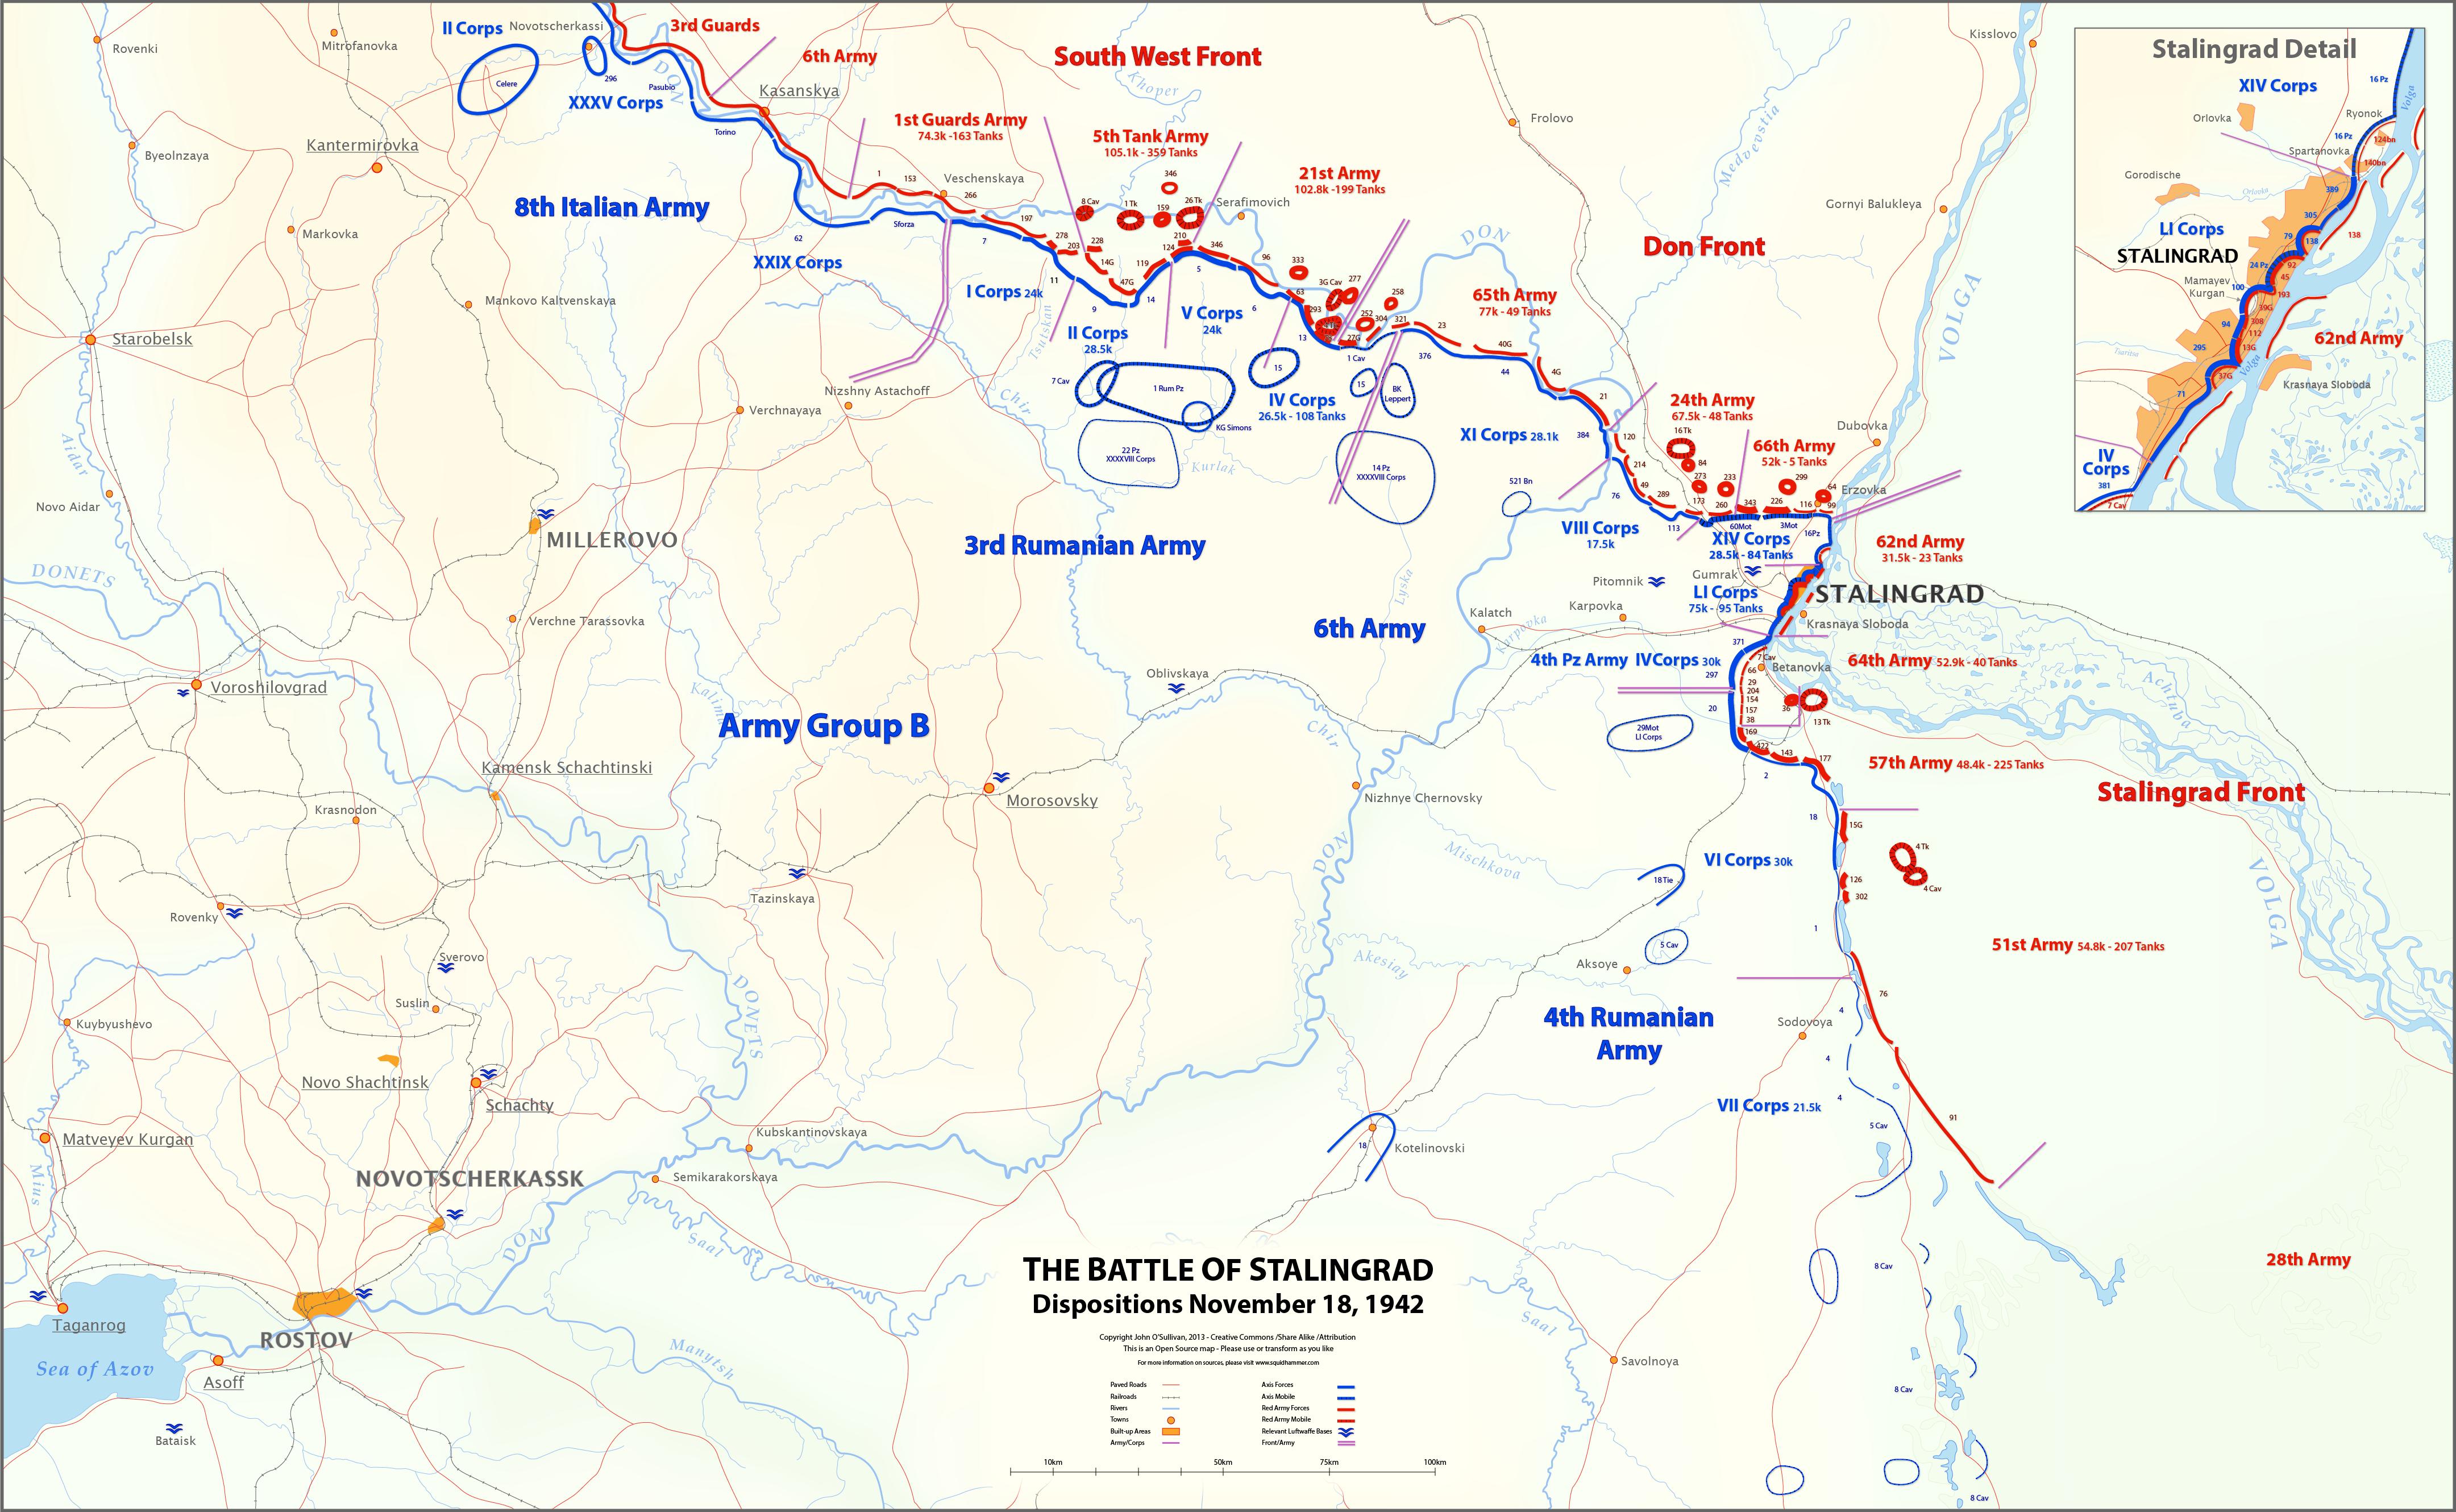 Front line. November 18, 1942